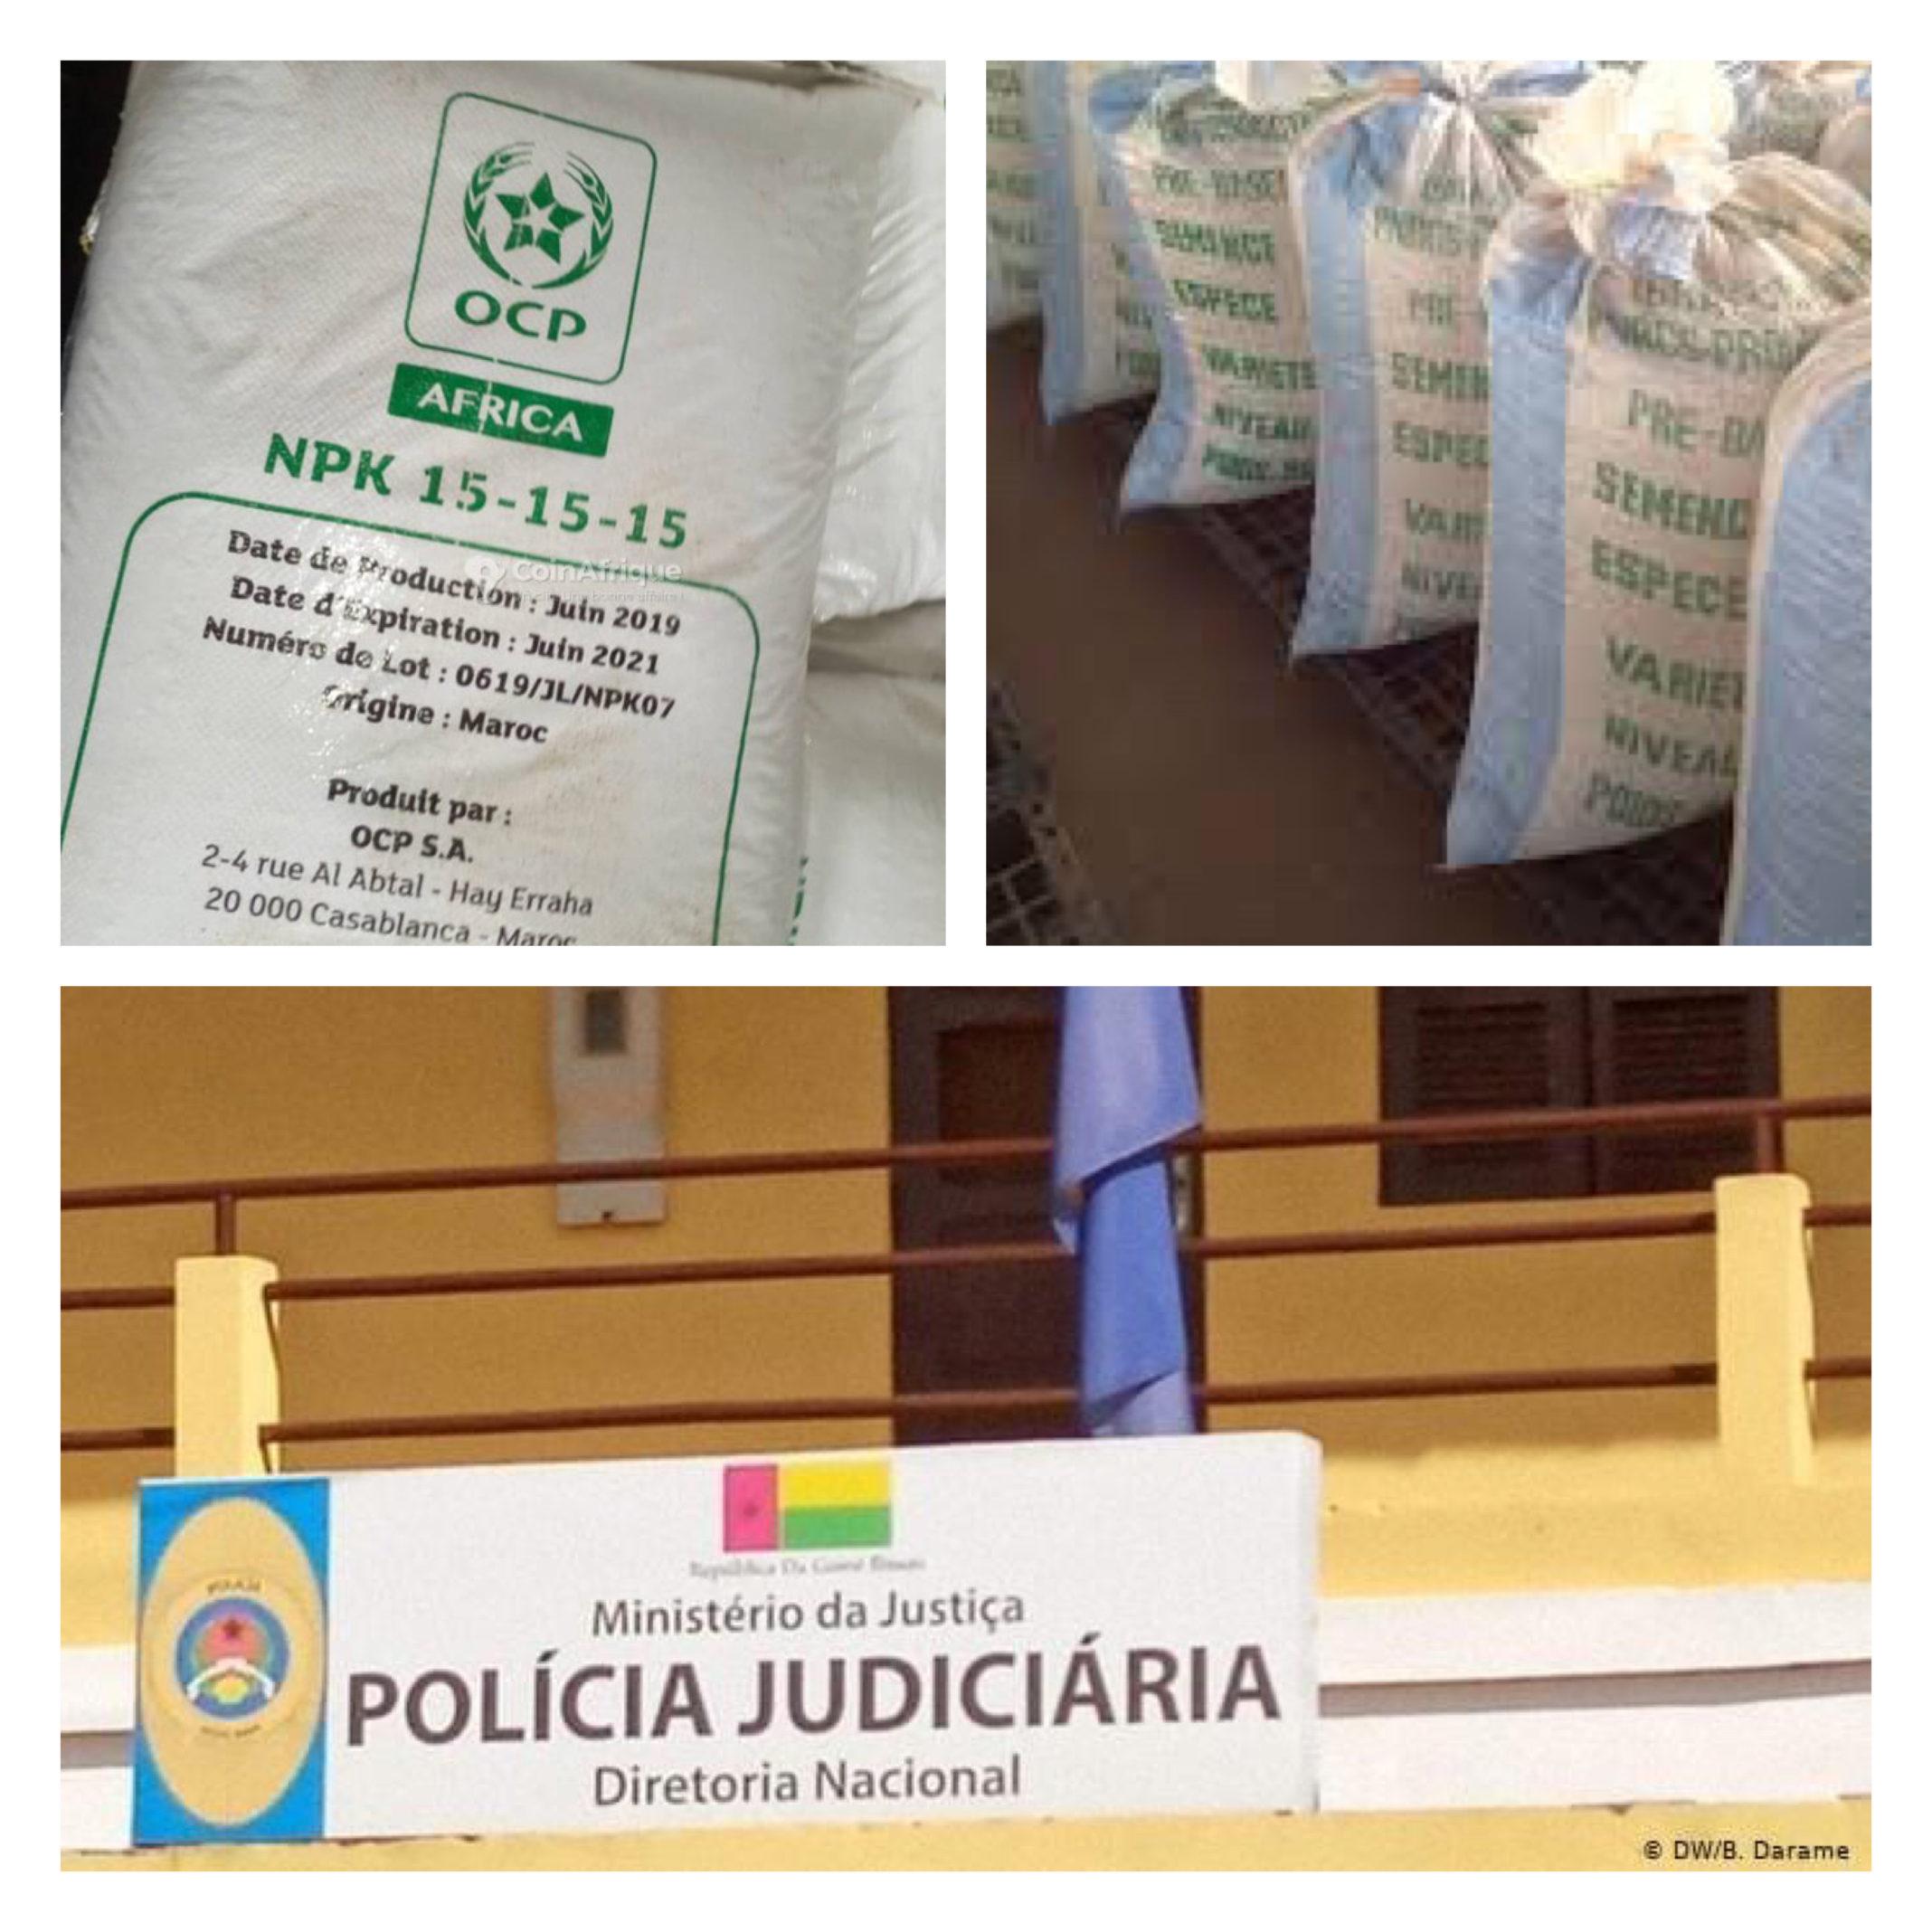 Exclusivité – Guinée Bissau : La Police judiciaire met la main sur plusieurs centaines de sacs de semences certifiées offertes par….Macky Sall